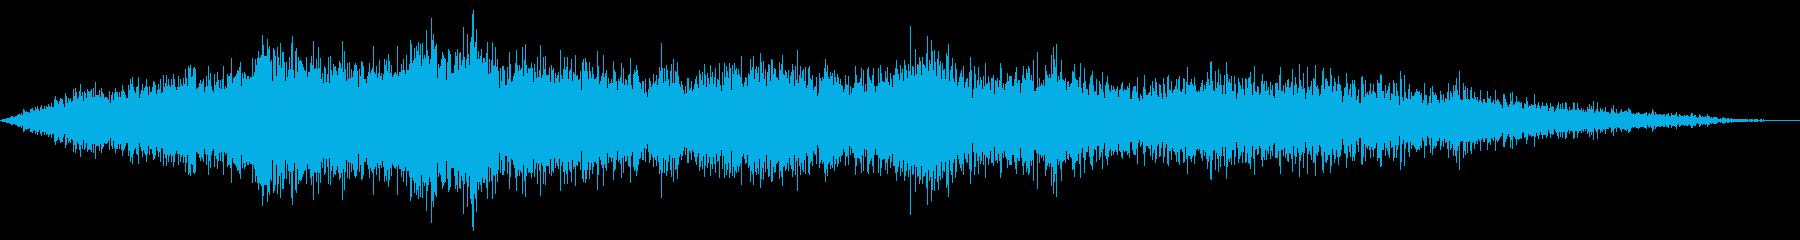 ヘリコプターの飛行の再生済みの波形